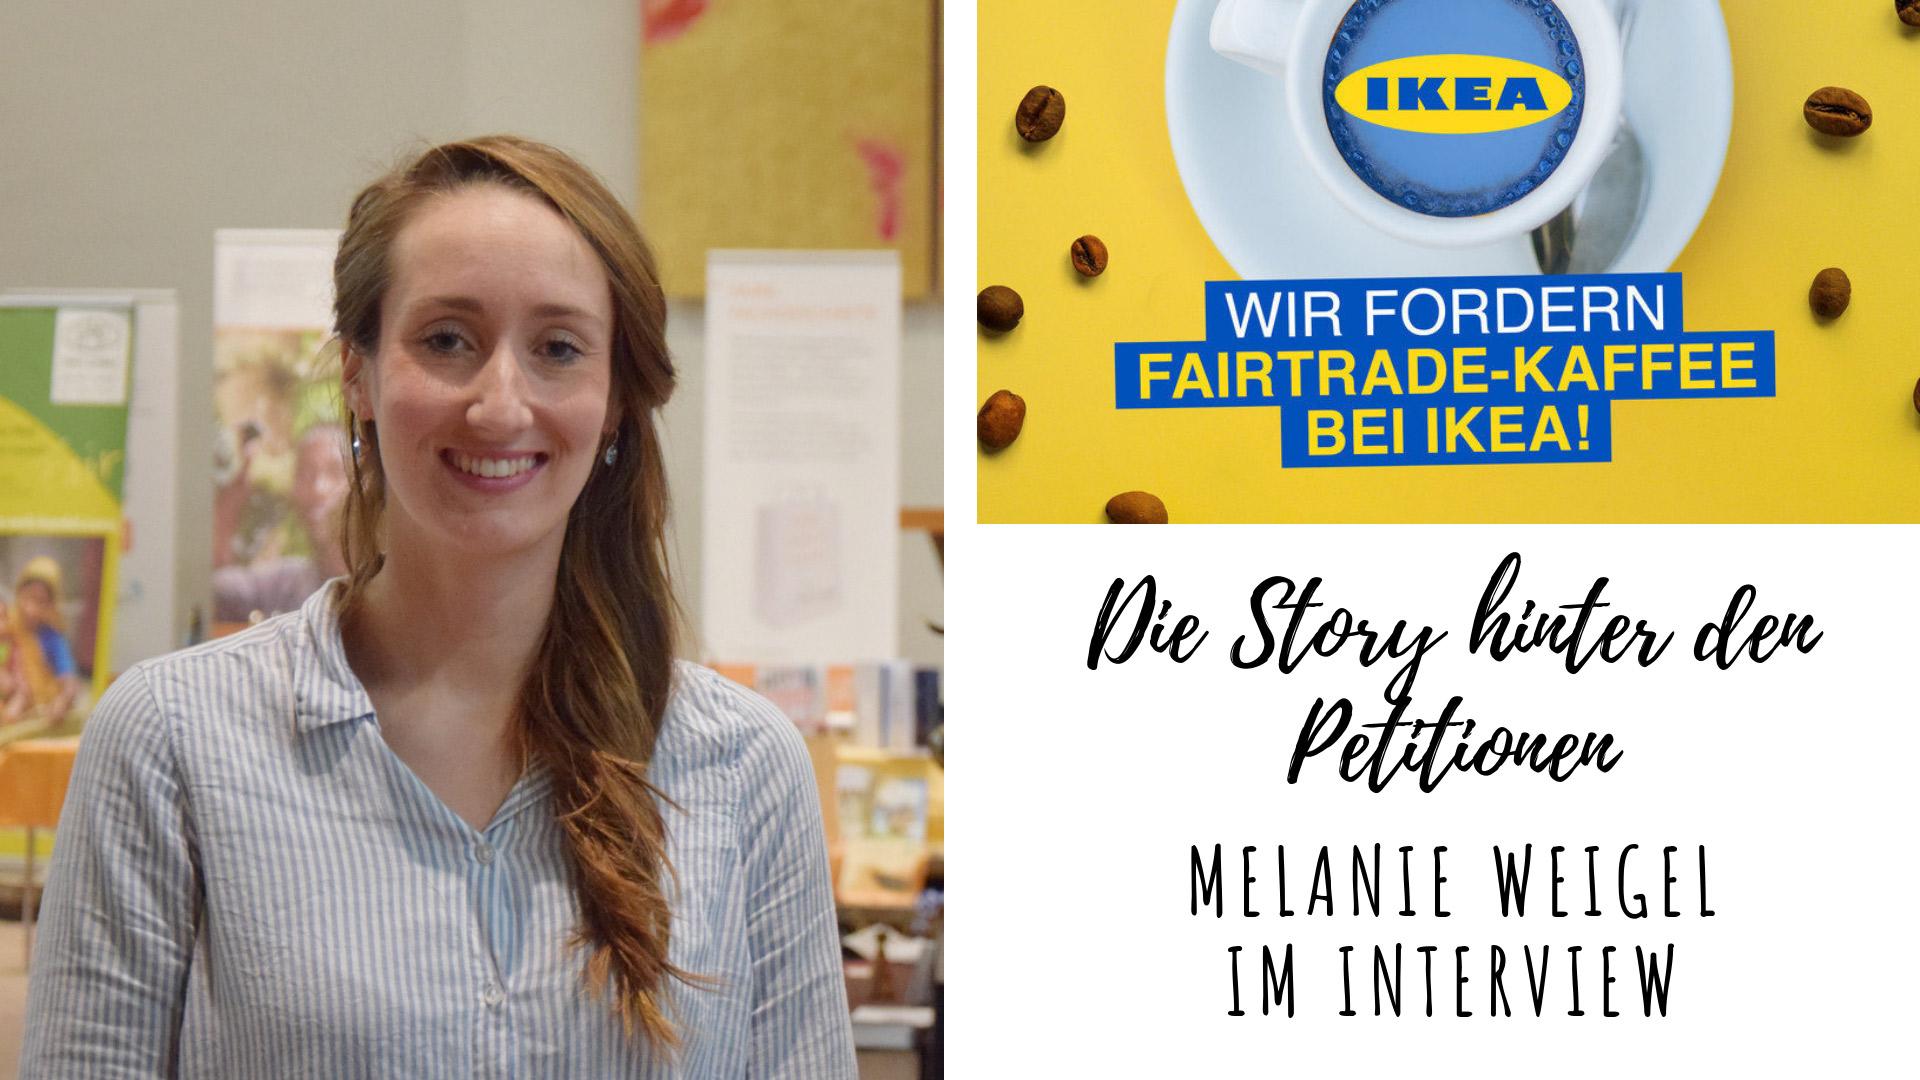 Die Frau hinter den Petitionen für fairen Kaffee bei DB und IKEA – Melanie Weigel im Interview